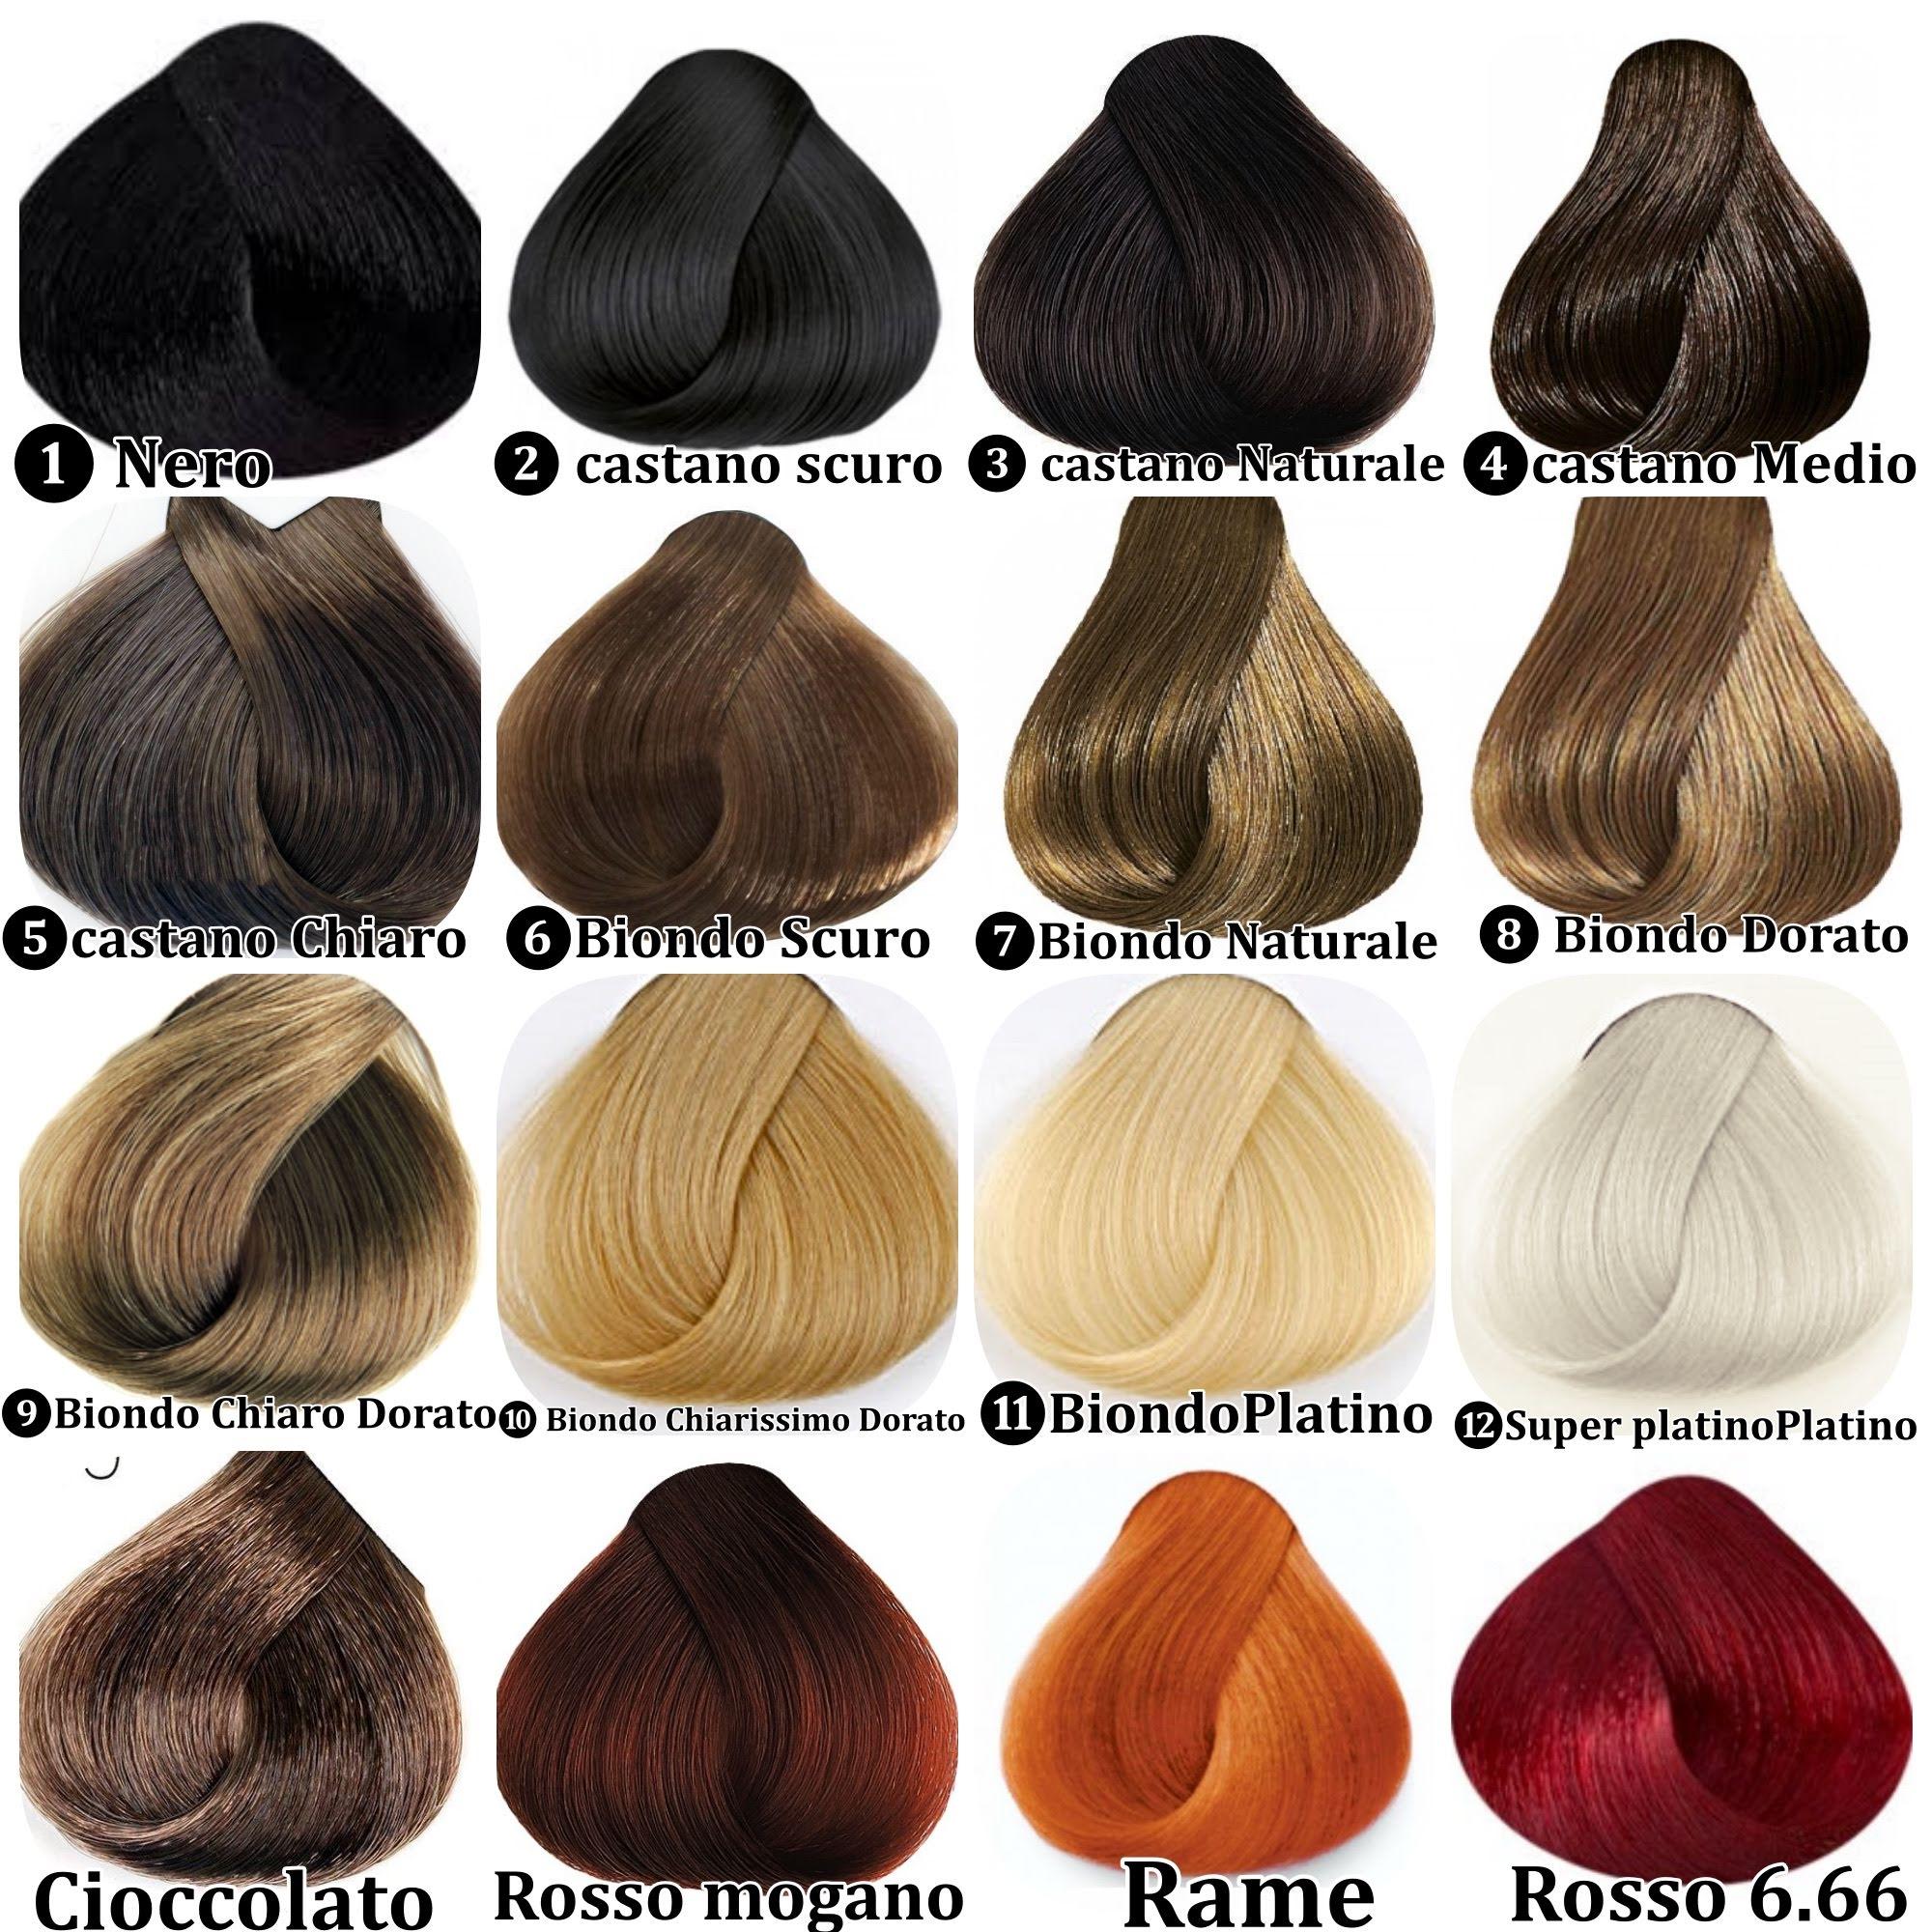 Cartella colori Capelli XL